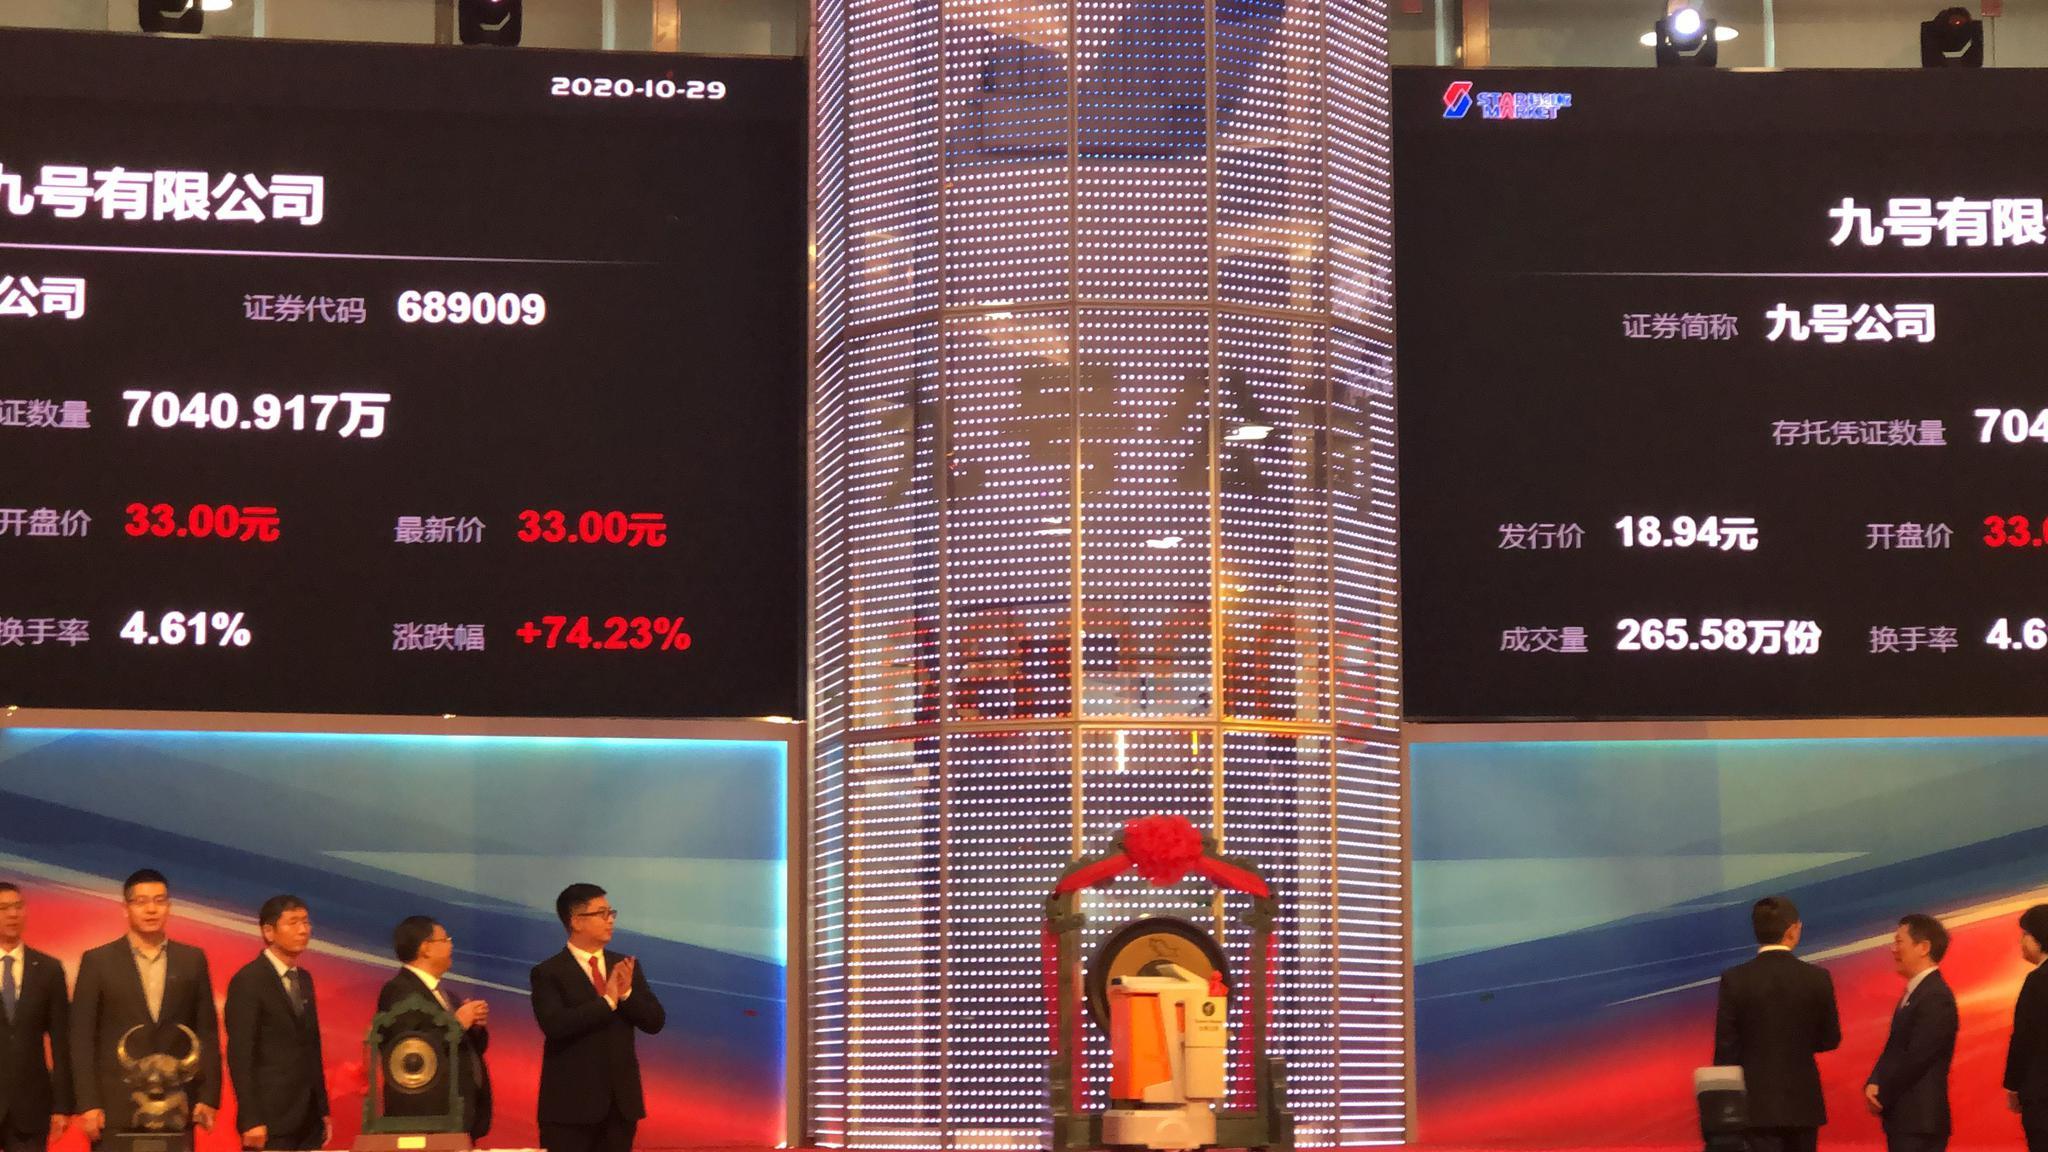 """九号公司上市首日涨逾一倍,未来还是想被定义为""""机器人公司""""图片"""